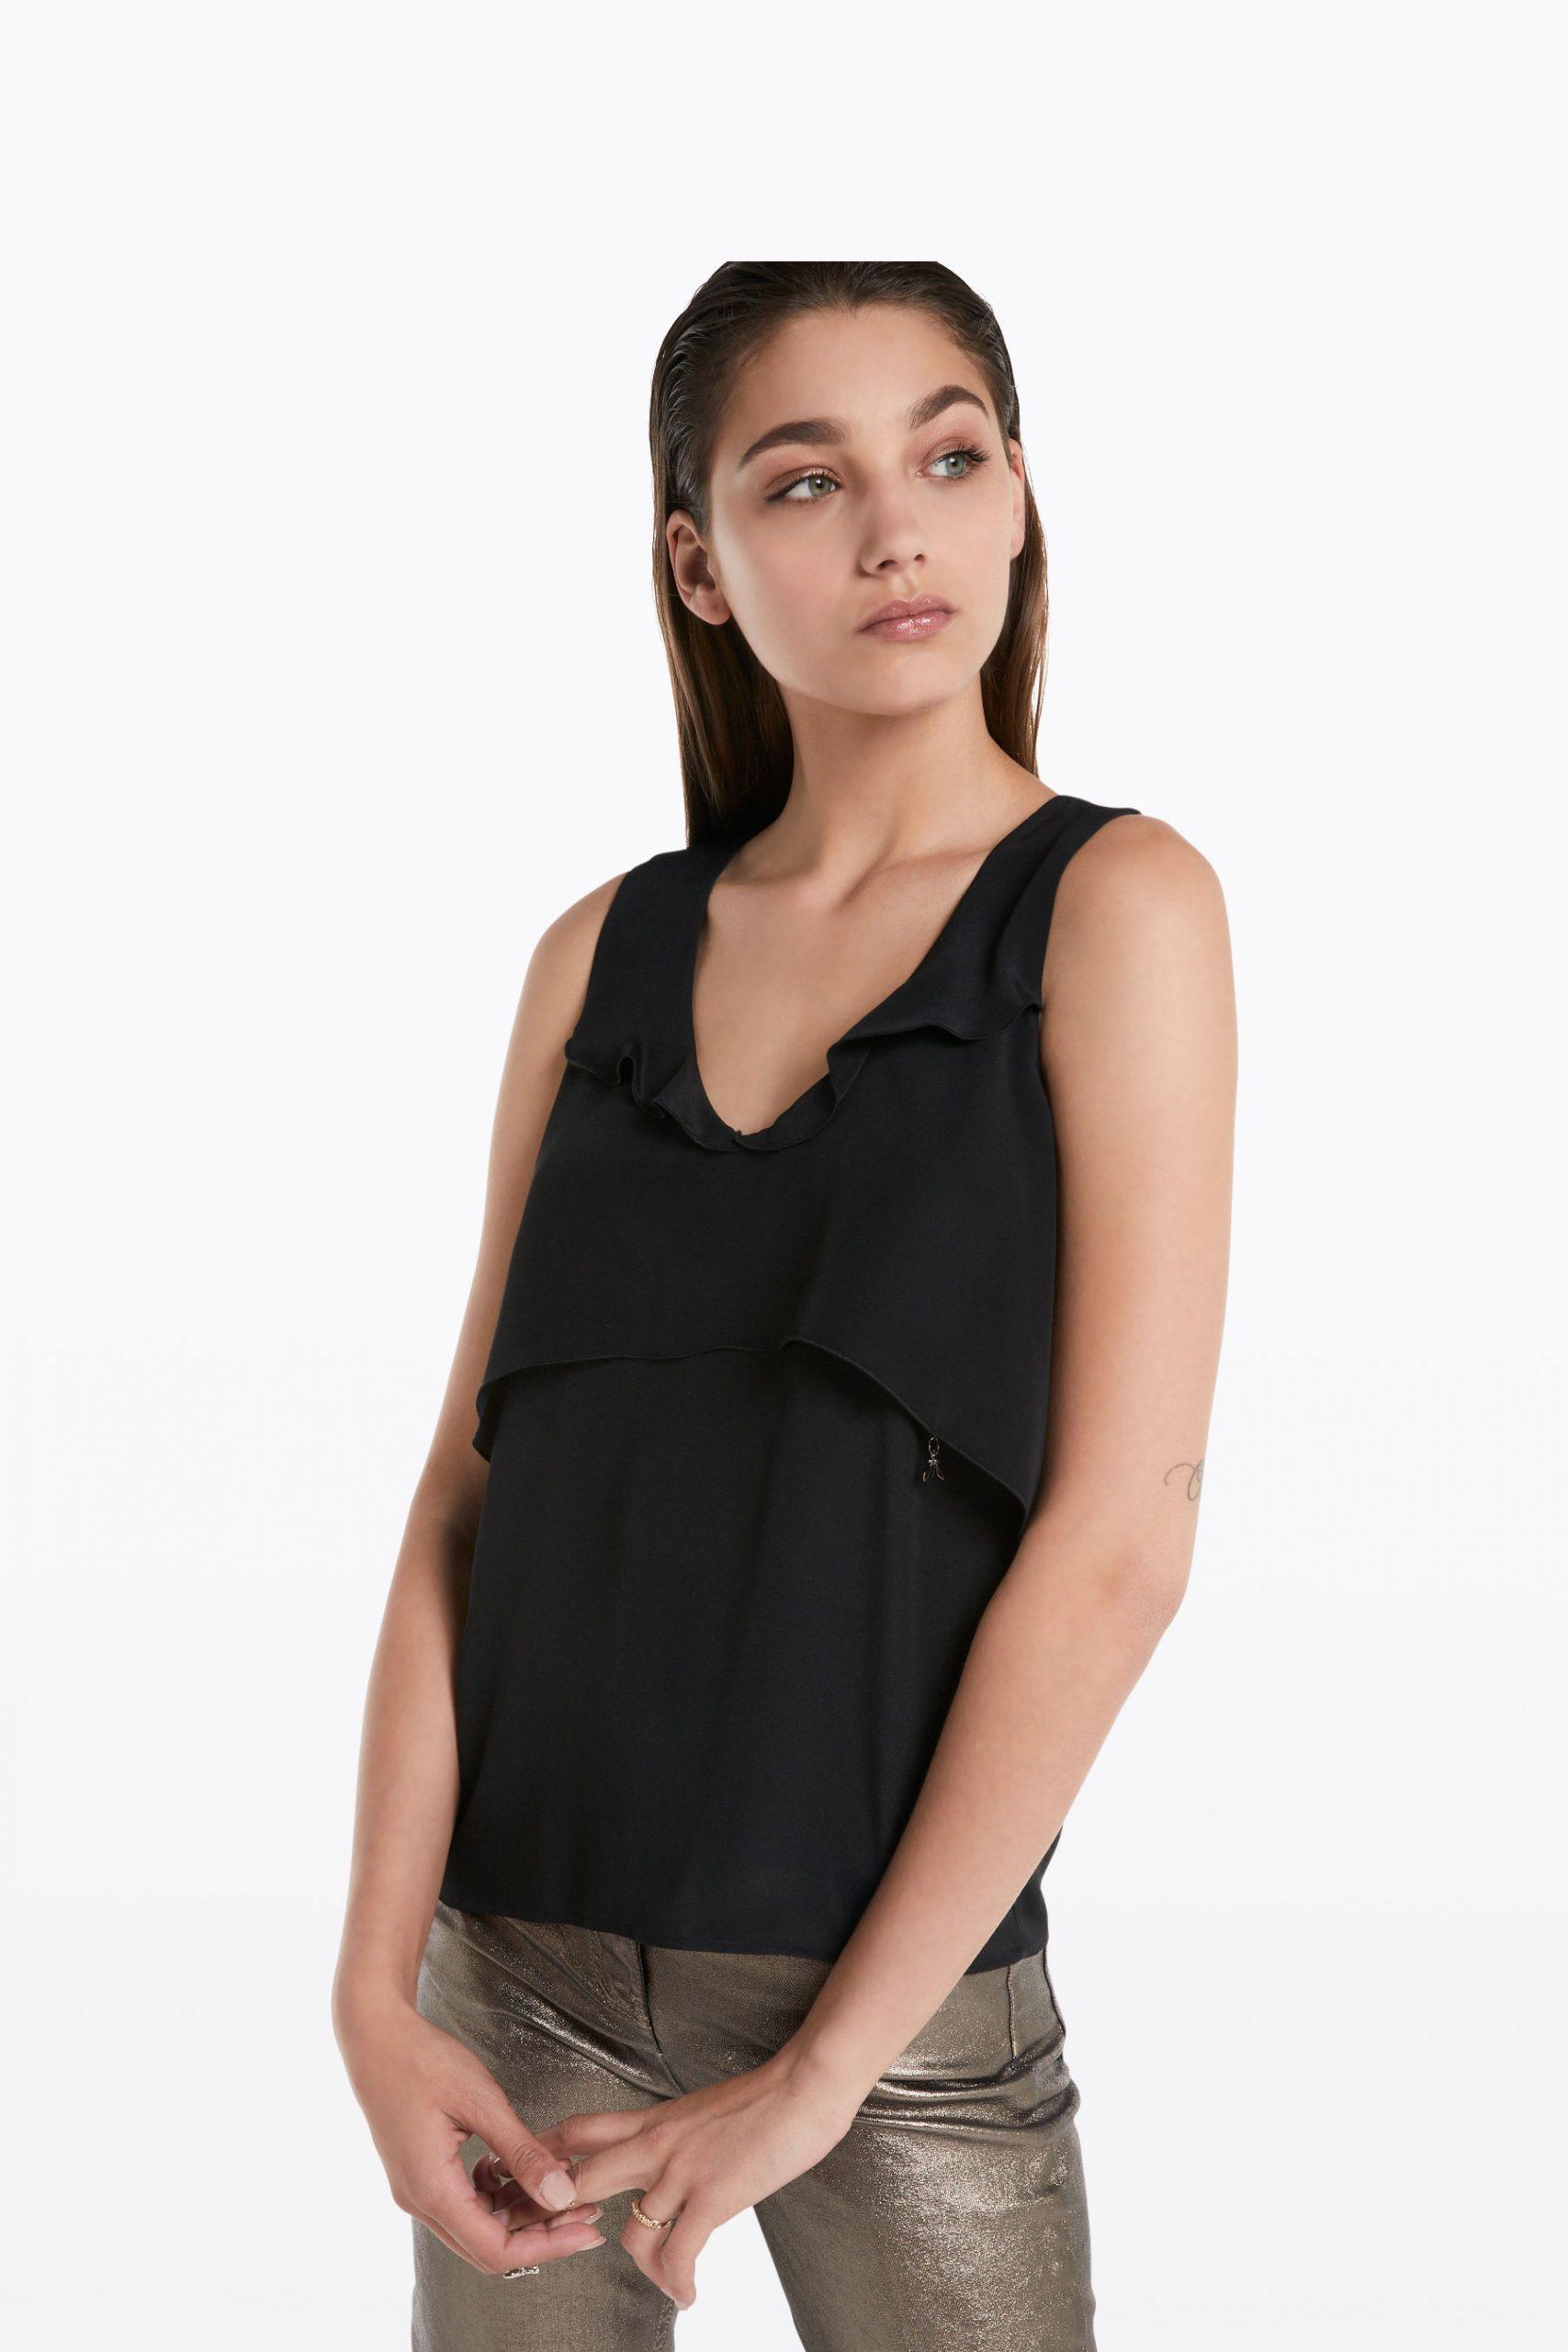 Abbigliamento Patrizia Pepe  Top sottogiacca Black female collezione 2020 shop the look